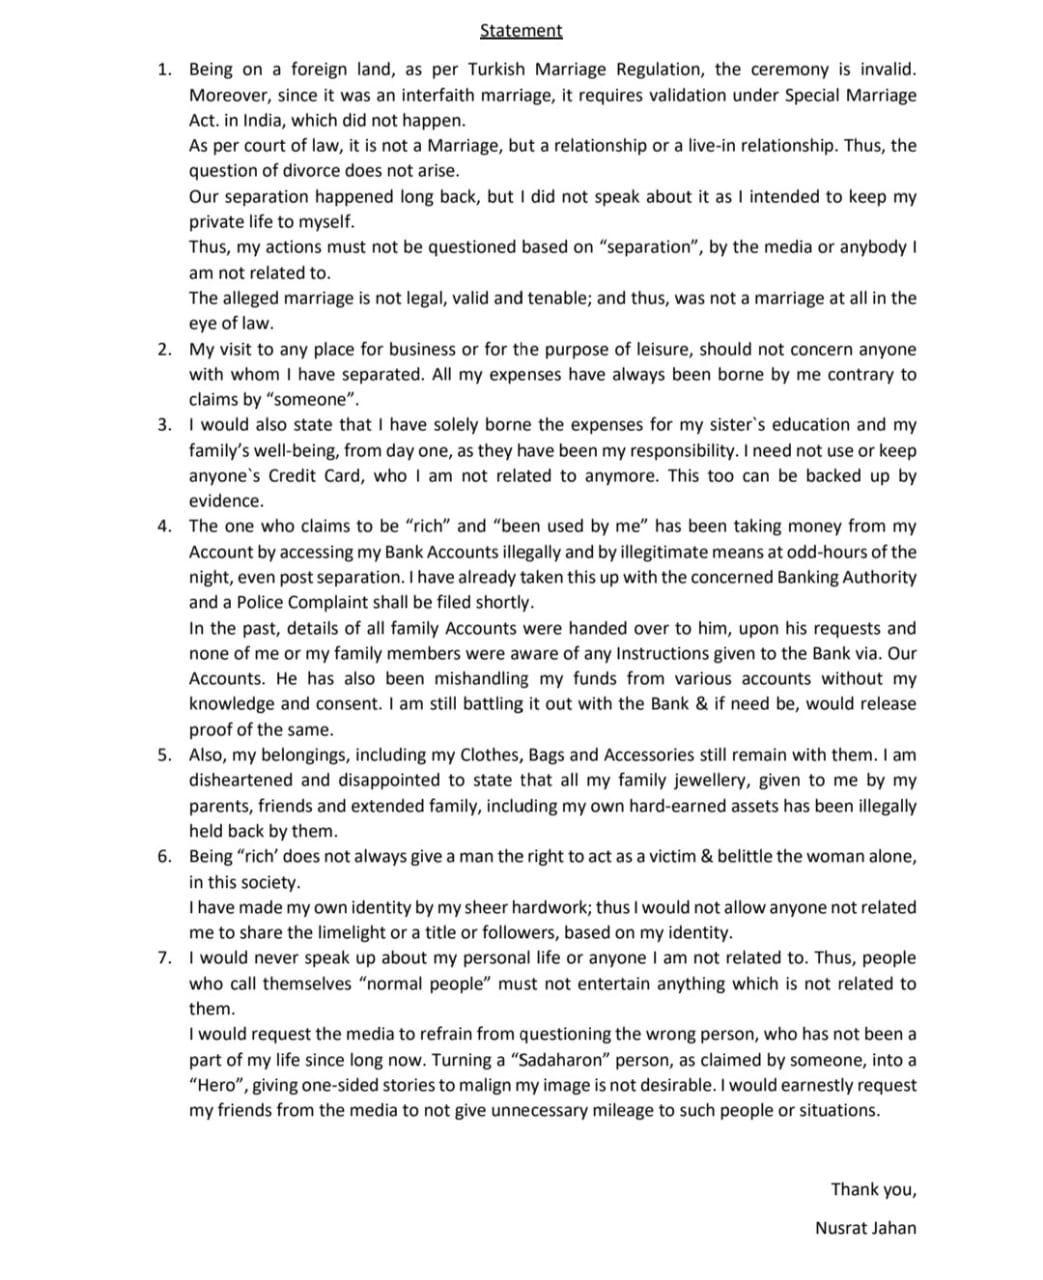 Nusrat Jhan's Full Explosive Statement